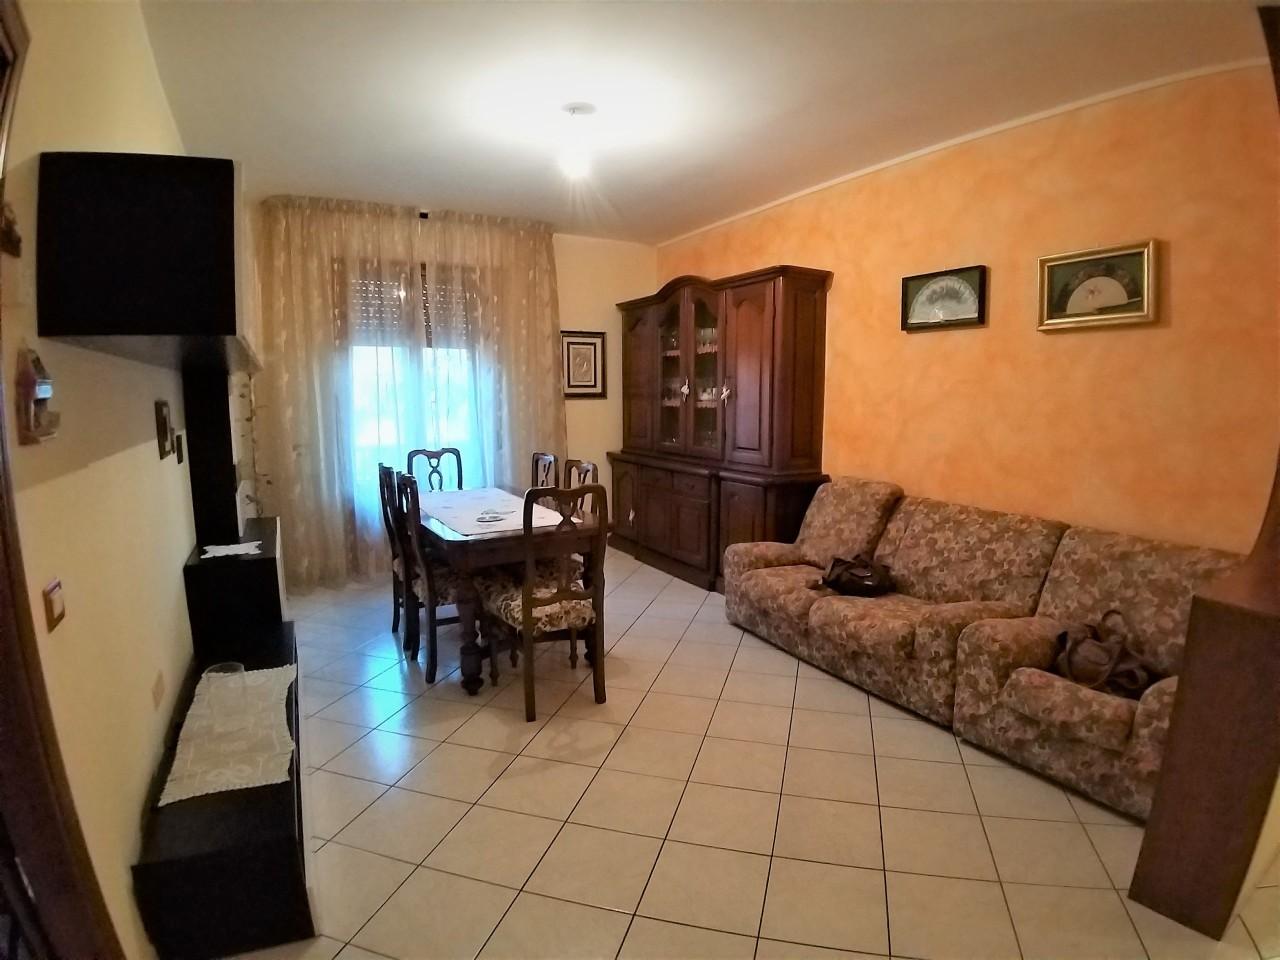 Appartamento in vendita a Castiglione del Lago, 3 locali, prezzo € 90.000 | PortaleAgenzieImmobiliari.it